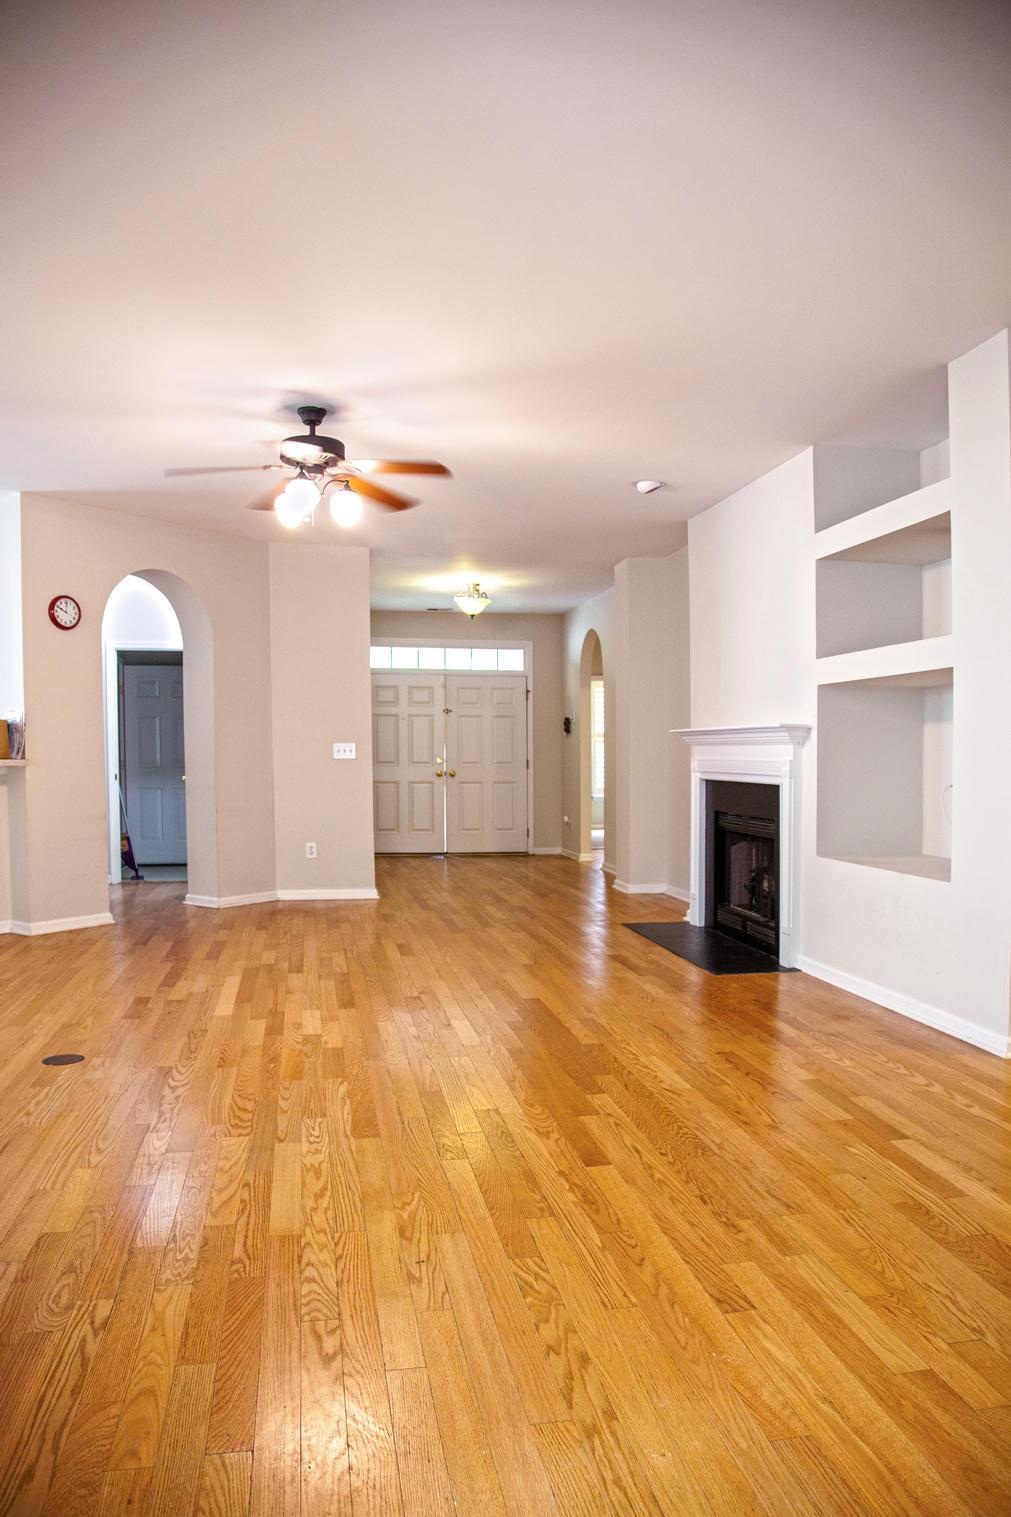 Park West Homes For Sale - 3190 John Bartram Place, Mount Pleasant, SC - 40